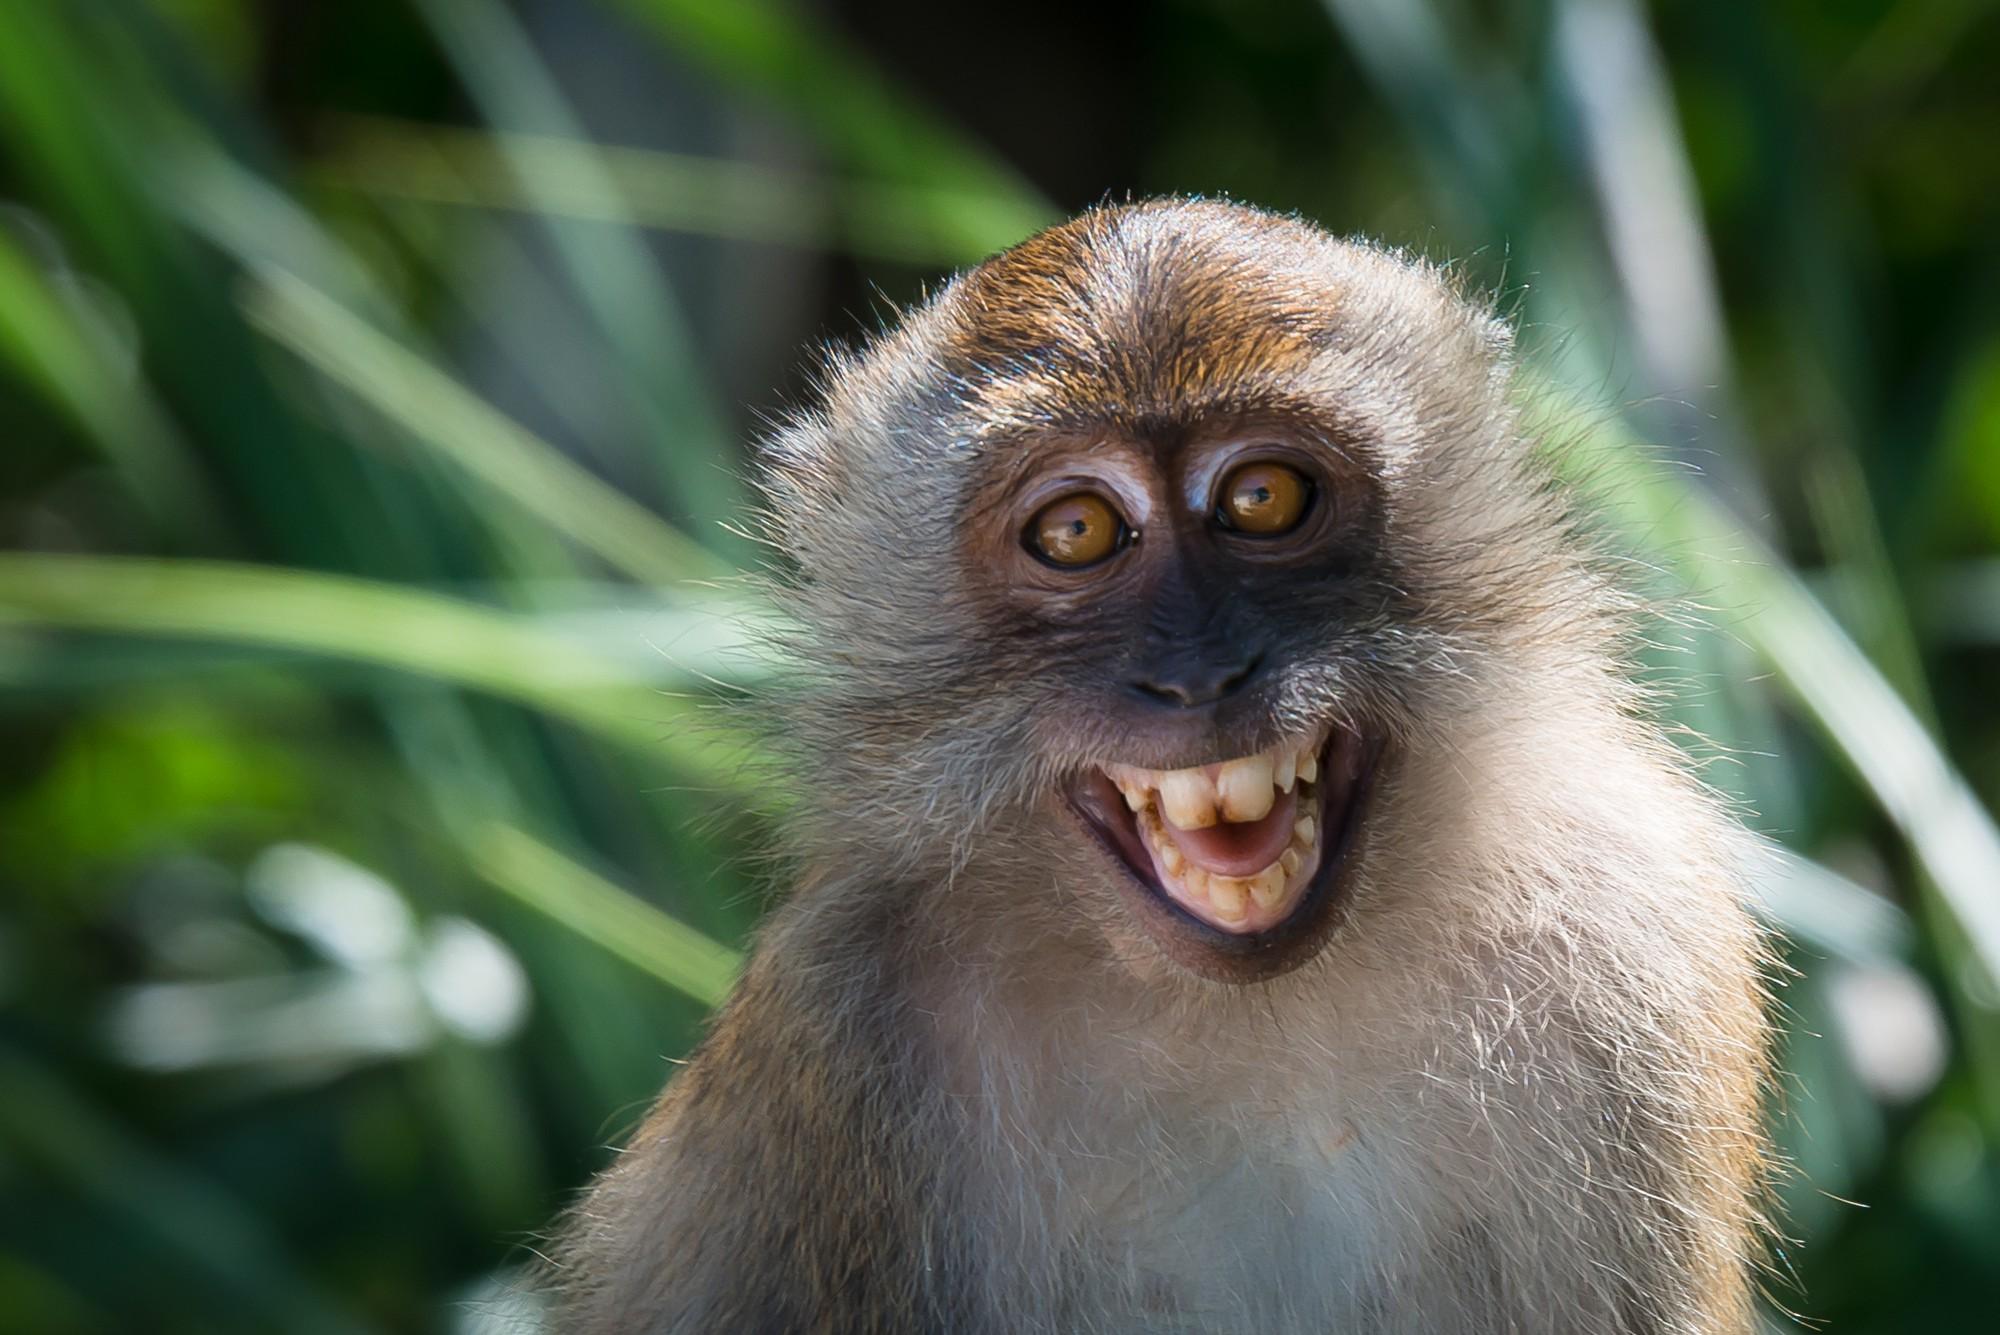 16 điệu cười không thấy mặt trời đâu của các loài động vật - Ảnh 1.